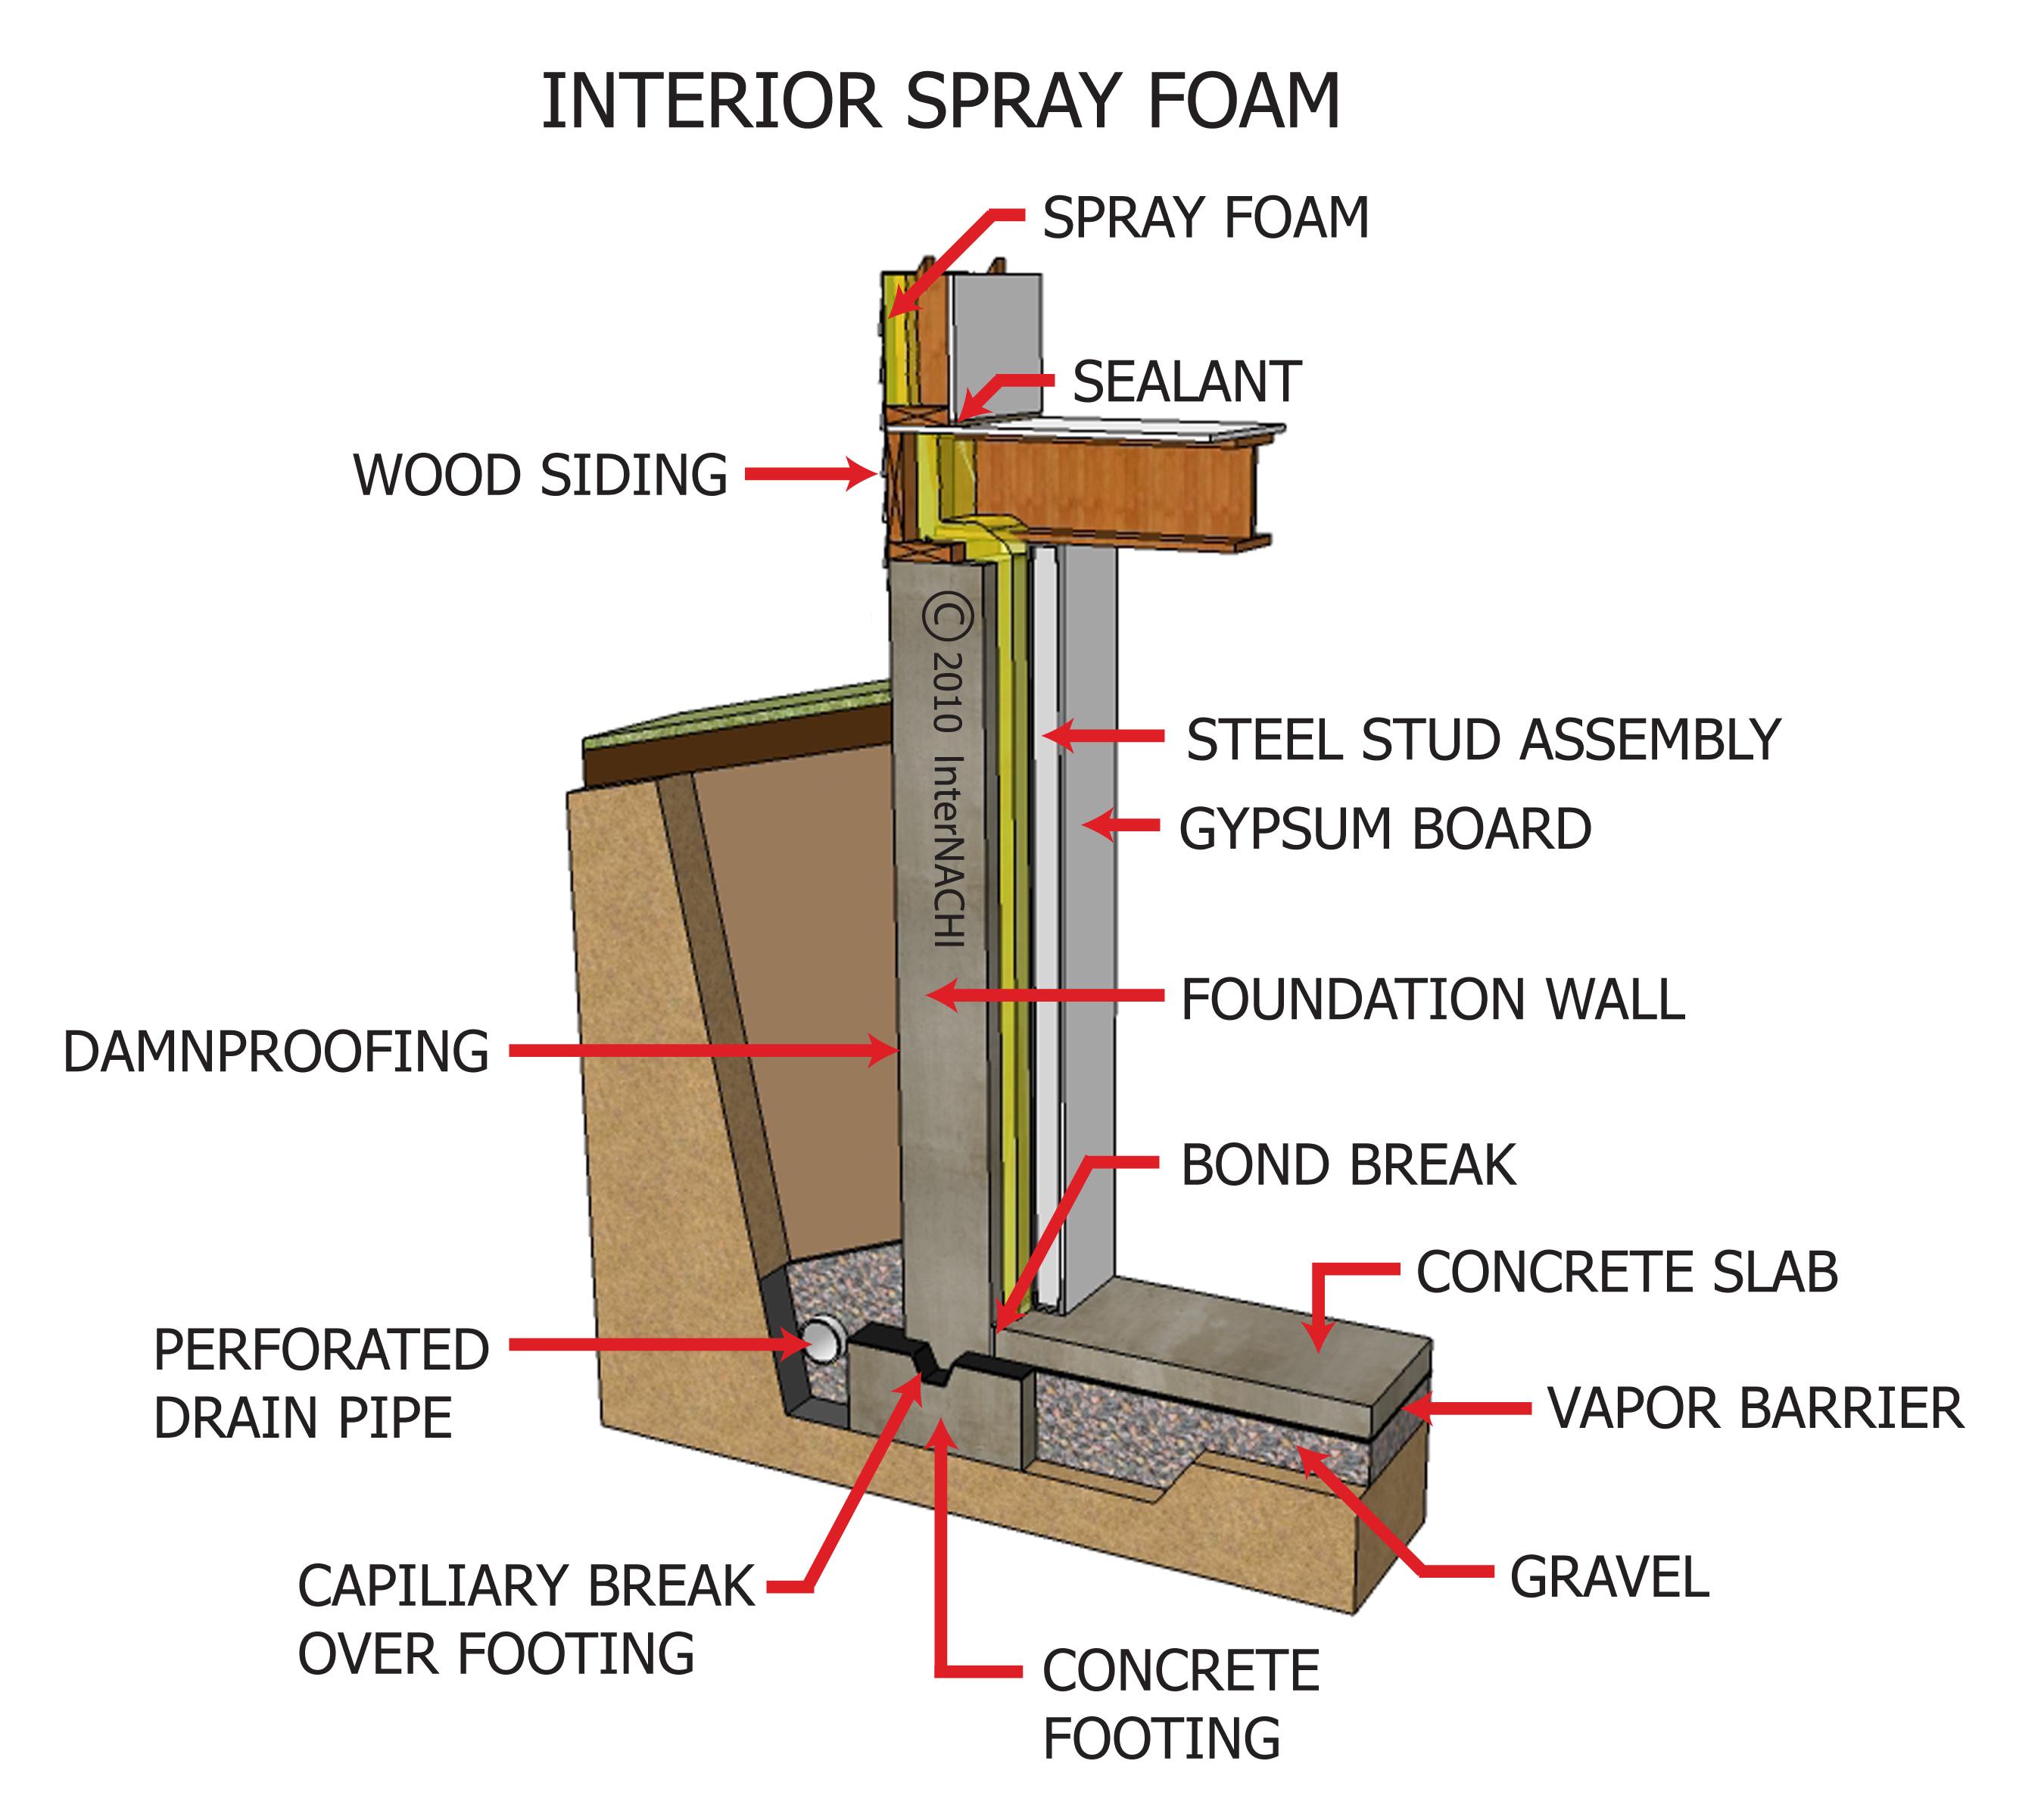 Interior spray foam.